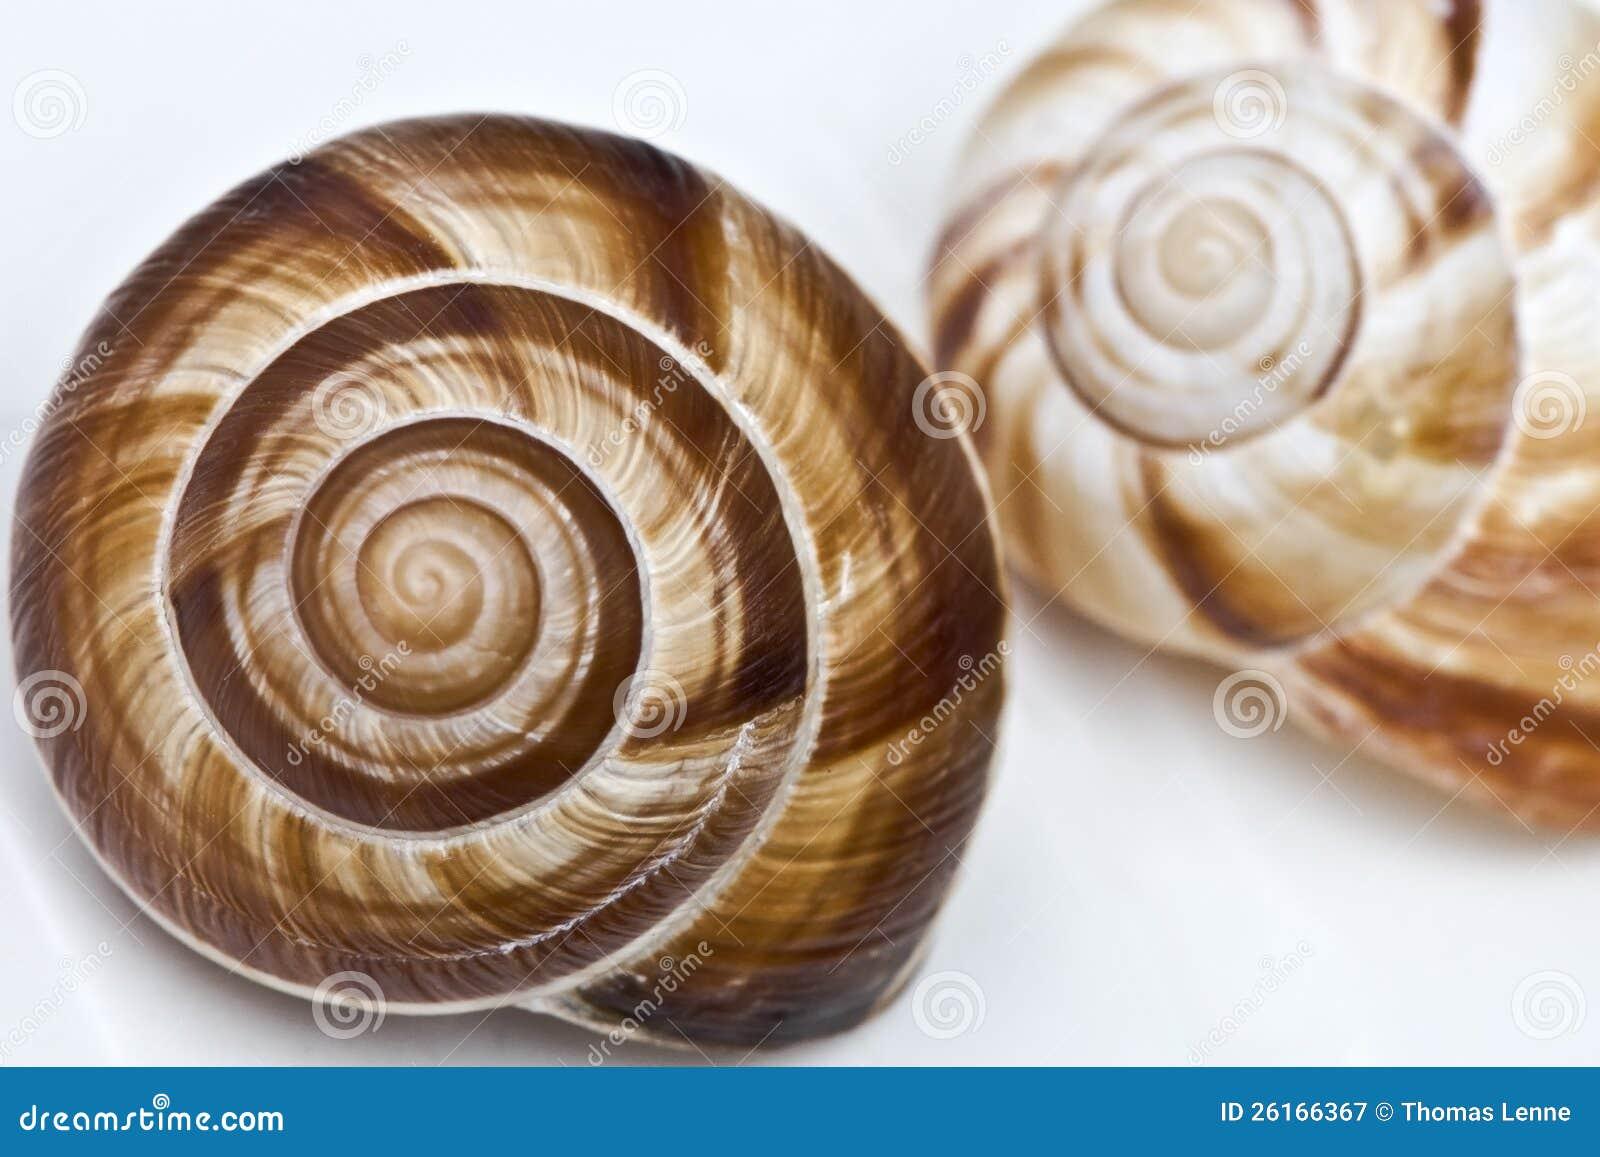 Fibonacci s spiral